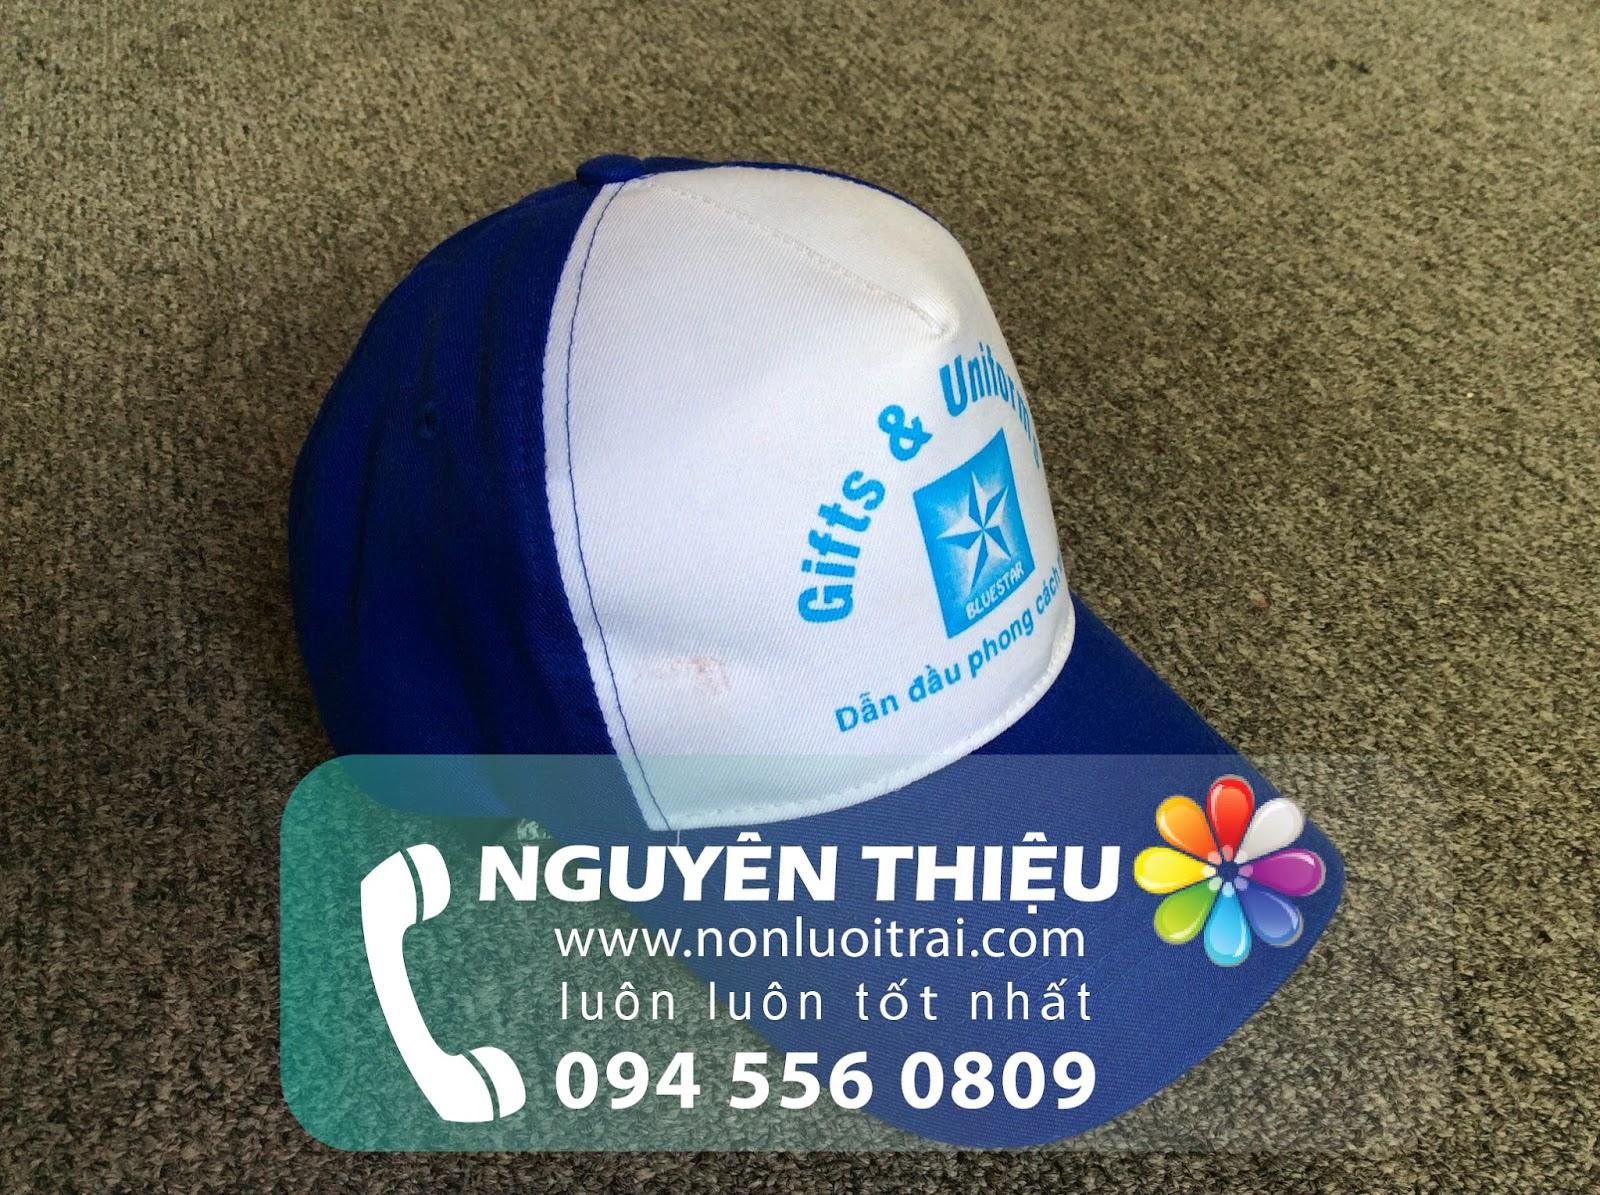 xuong-may-non-ket-0945560809